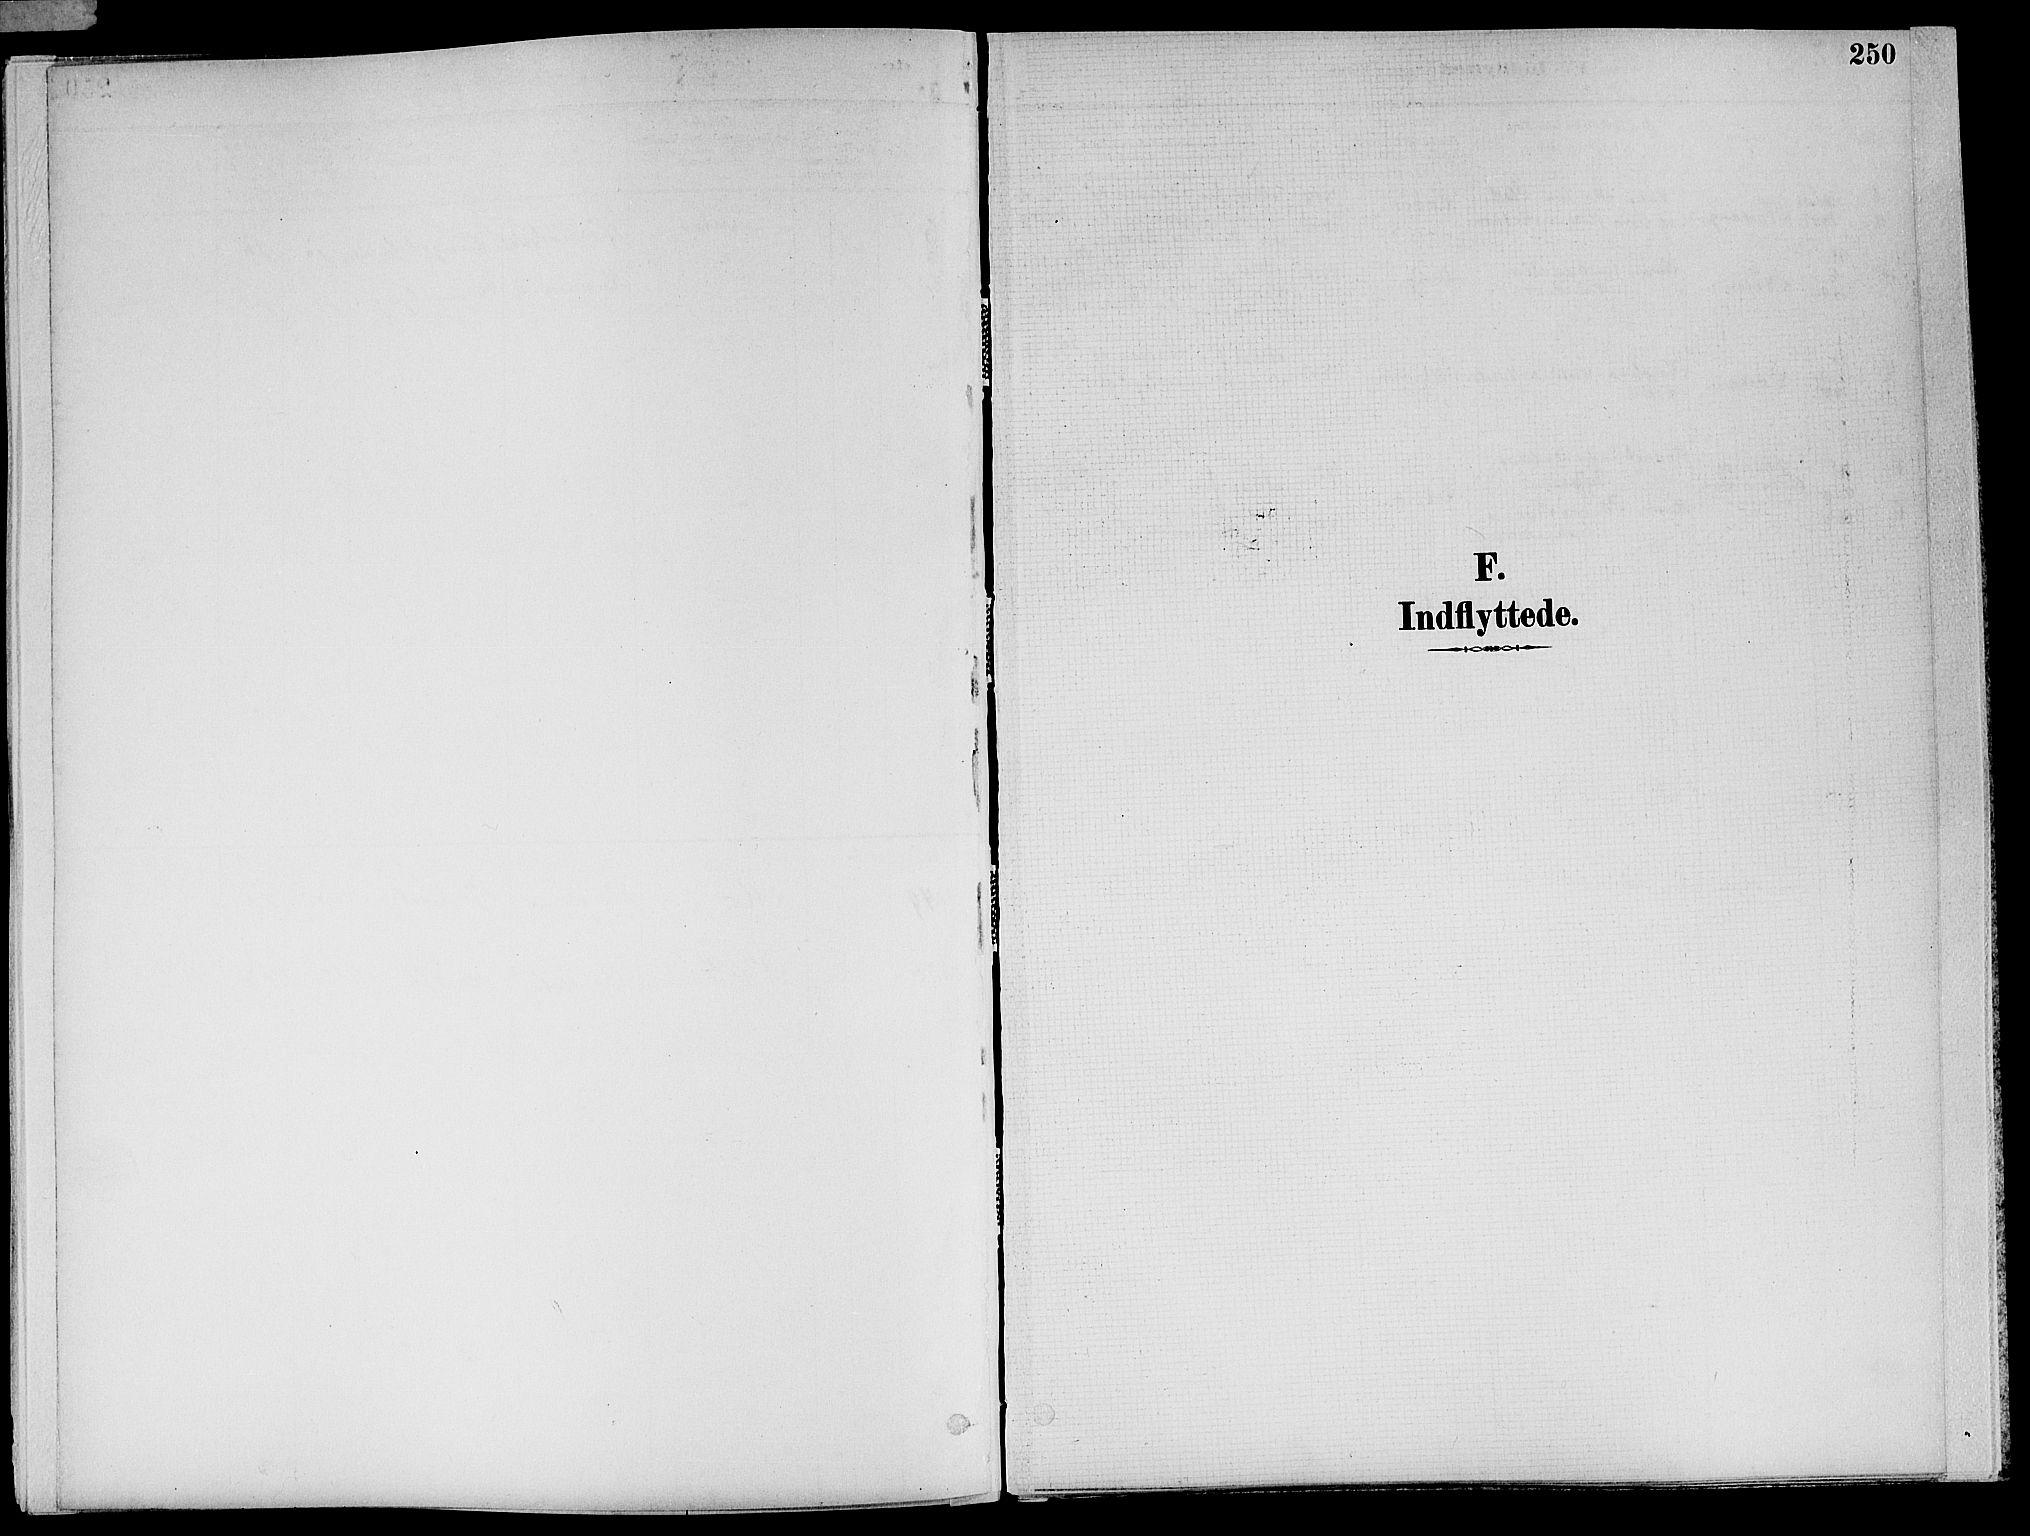 SAT, Ministerialprotokoller, klokkerbøker og fødselsregistre - Nord-Trøndelag, 773/L0617: Ministerialbok nr. 773A08, 1887-1910, s. 250